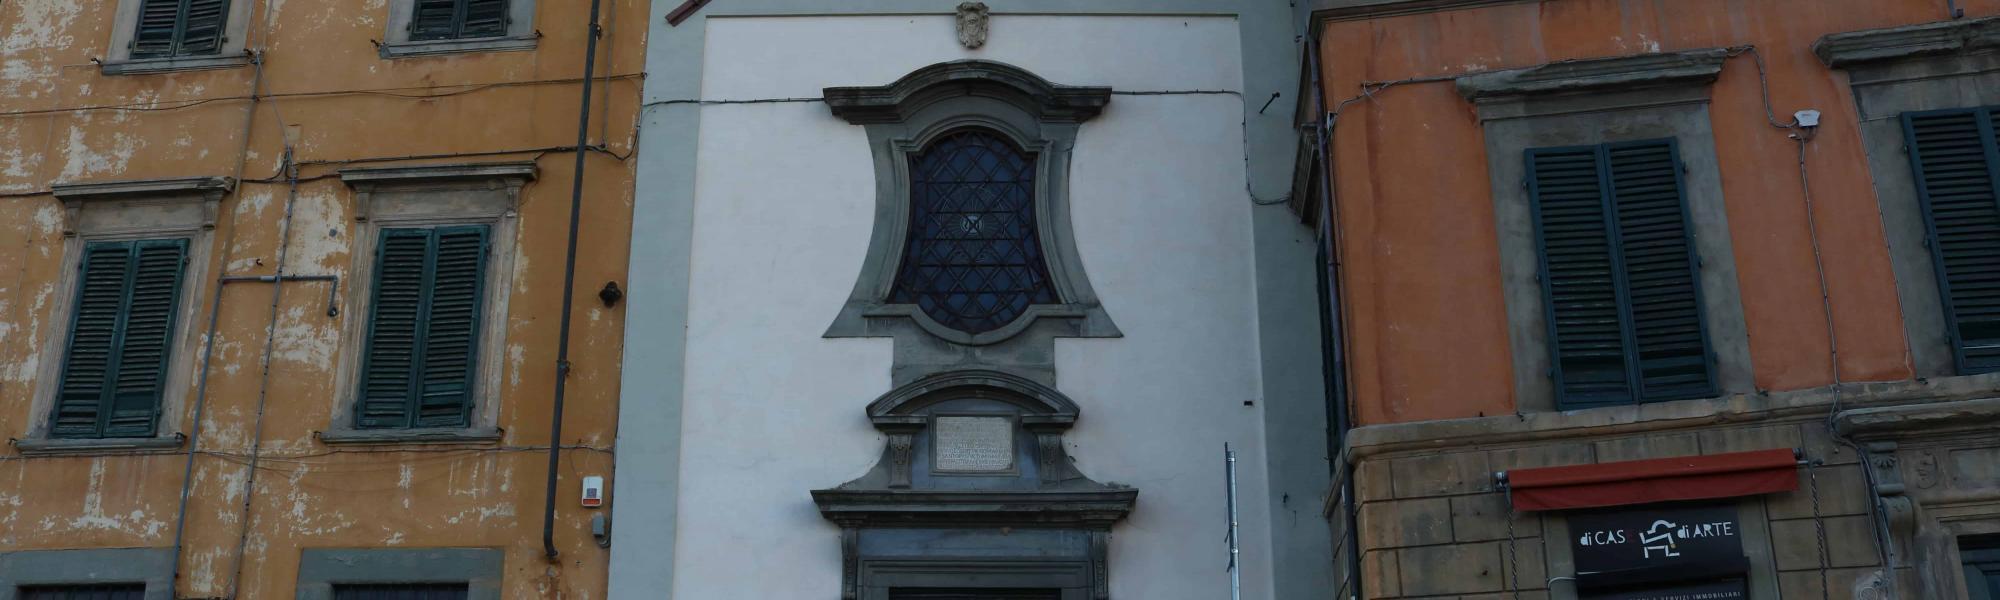 Chiesa di S. Maria dei Galletti